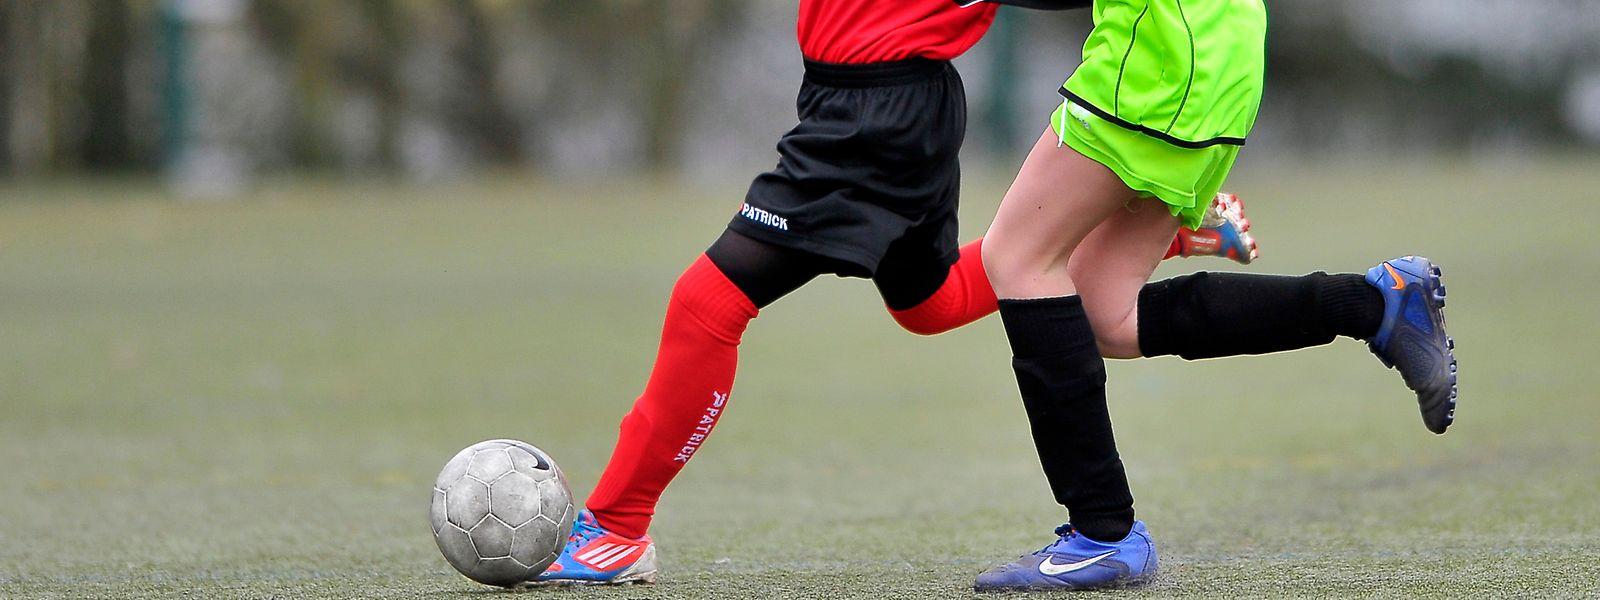 Seule la première division reprendra en février côté football; les autres joueurs devant toujours se contenter des entraînements.